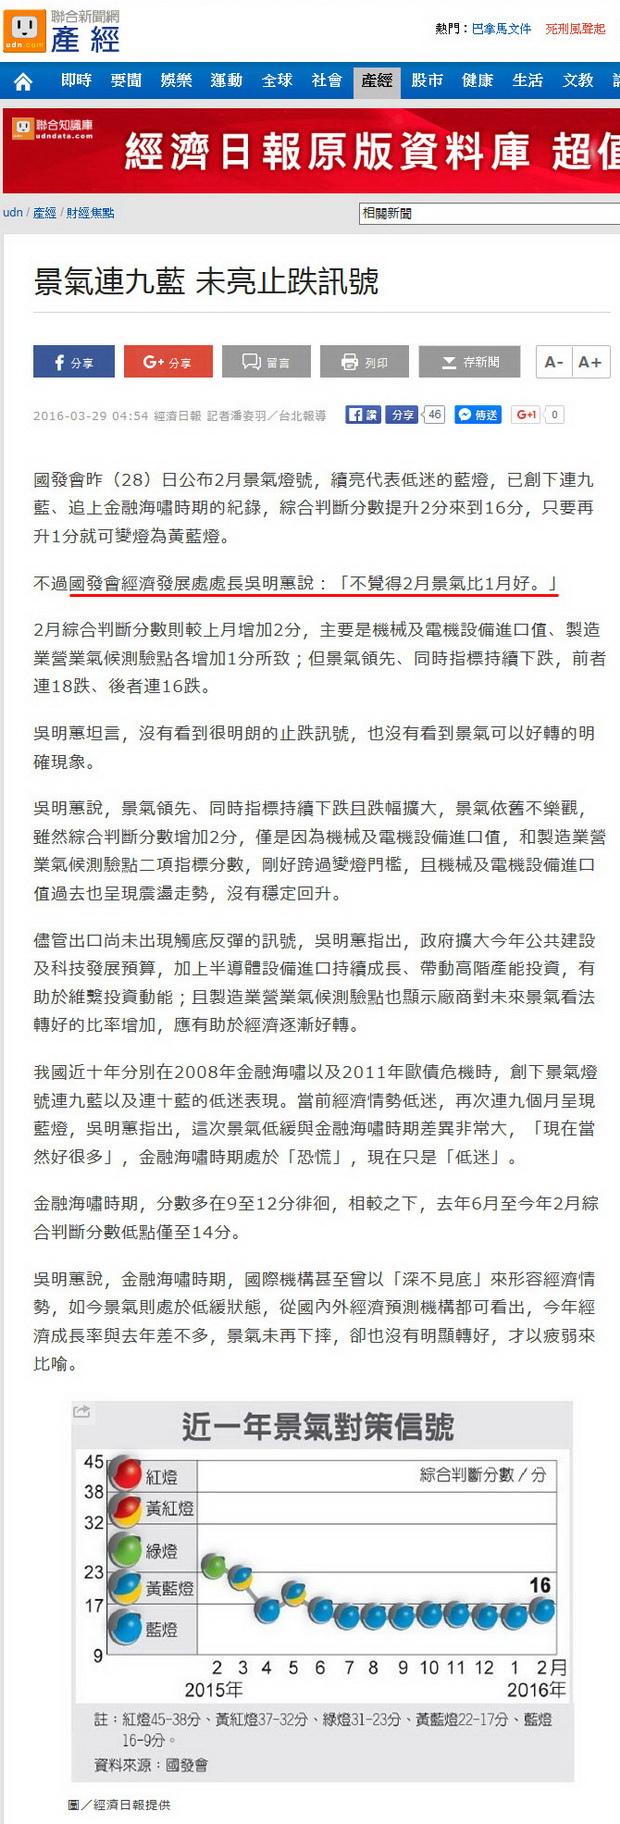 景氣連九藍 未亮止跌訊號-2016.03.29.jpg